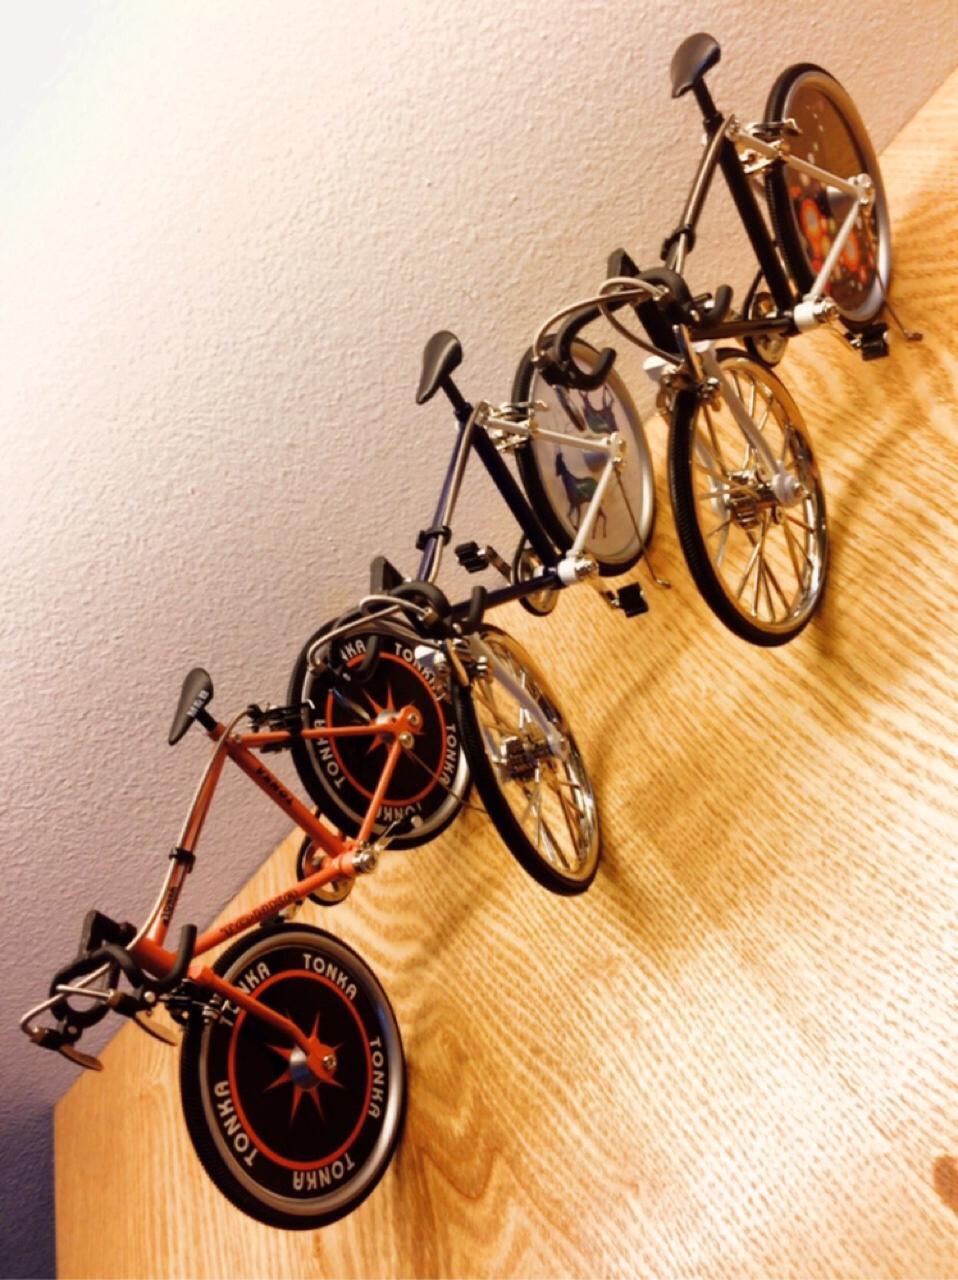 자전거 다이캐스트 1:10 스케일(2대)타는거 아님;;;